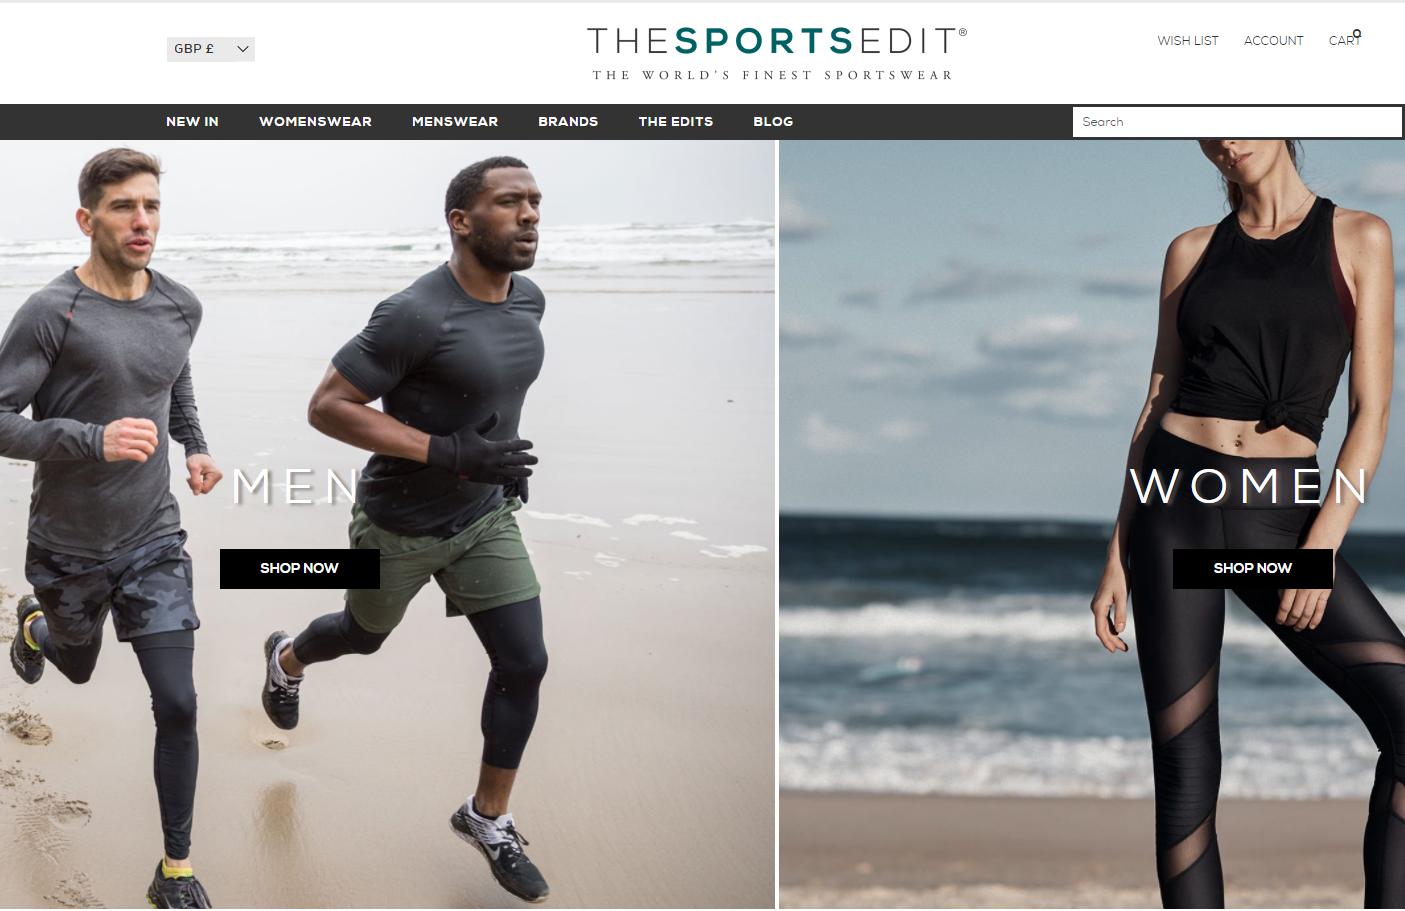 英国高档运动服装零售商 The Sports Edit 融资 100万英镑